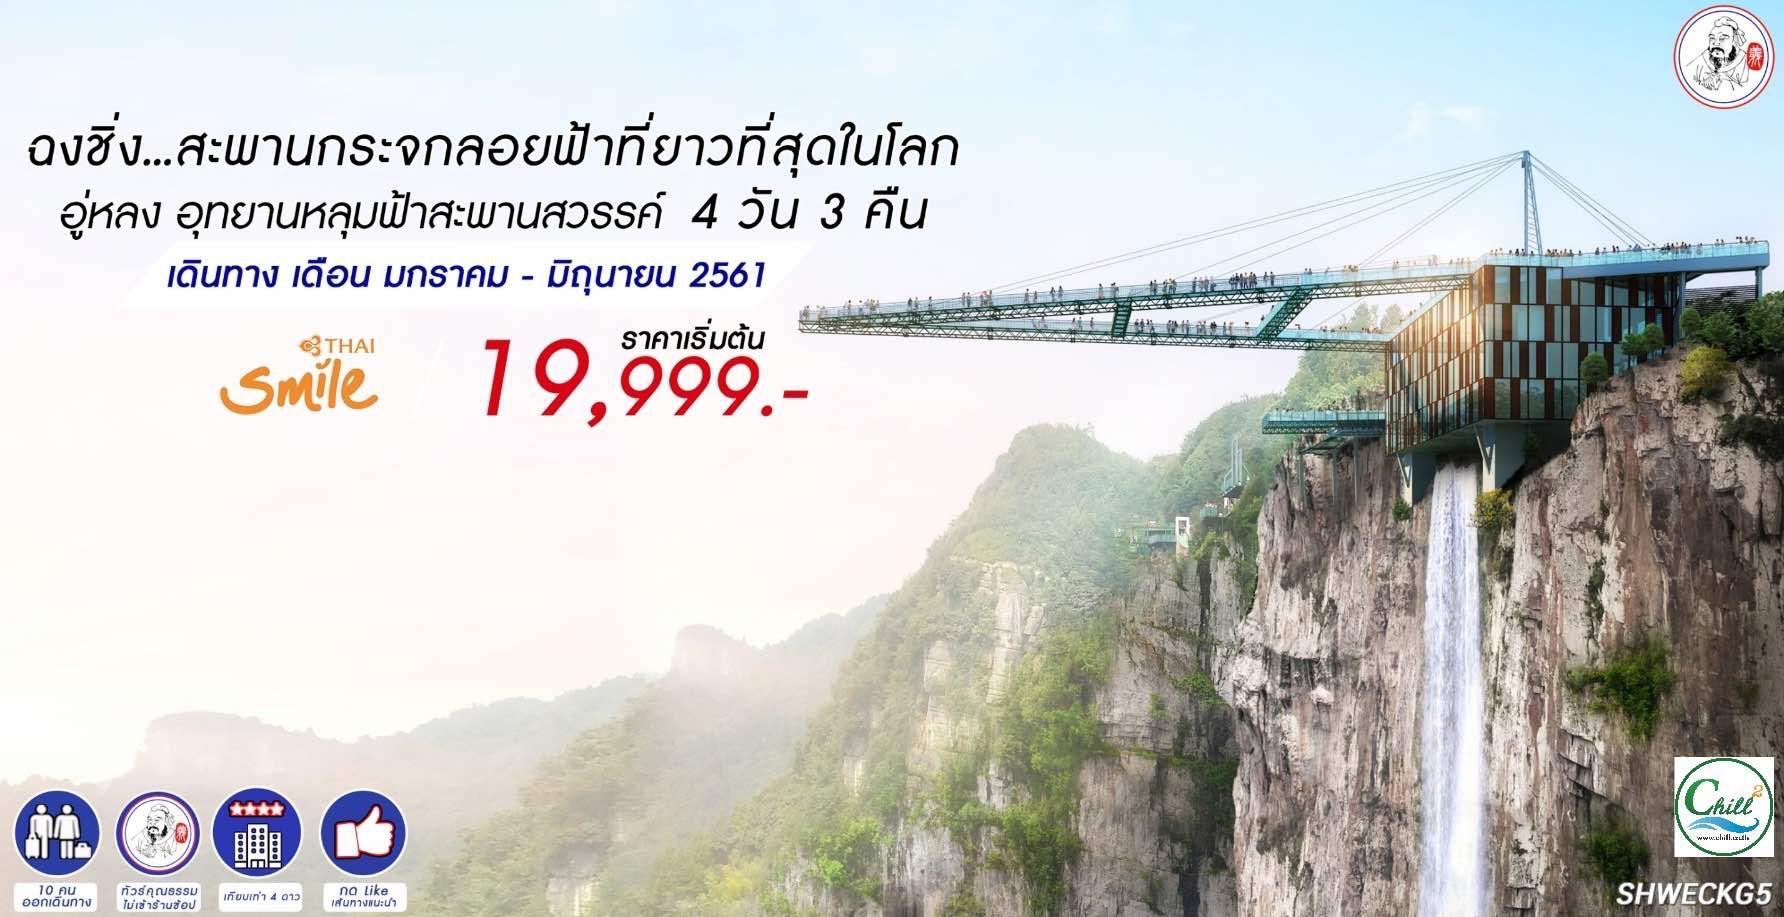 ทัวร์จีน ฉงชิ่ง อู่หลง อุทยานหลุมฟ้าสะพานสวรรค์ ไม่ลงร้านช้อปปิ้ง 4 วัน 3 คืน โดยสายการบิน Thai Smile (WE)